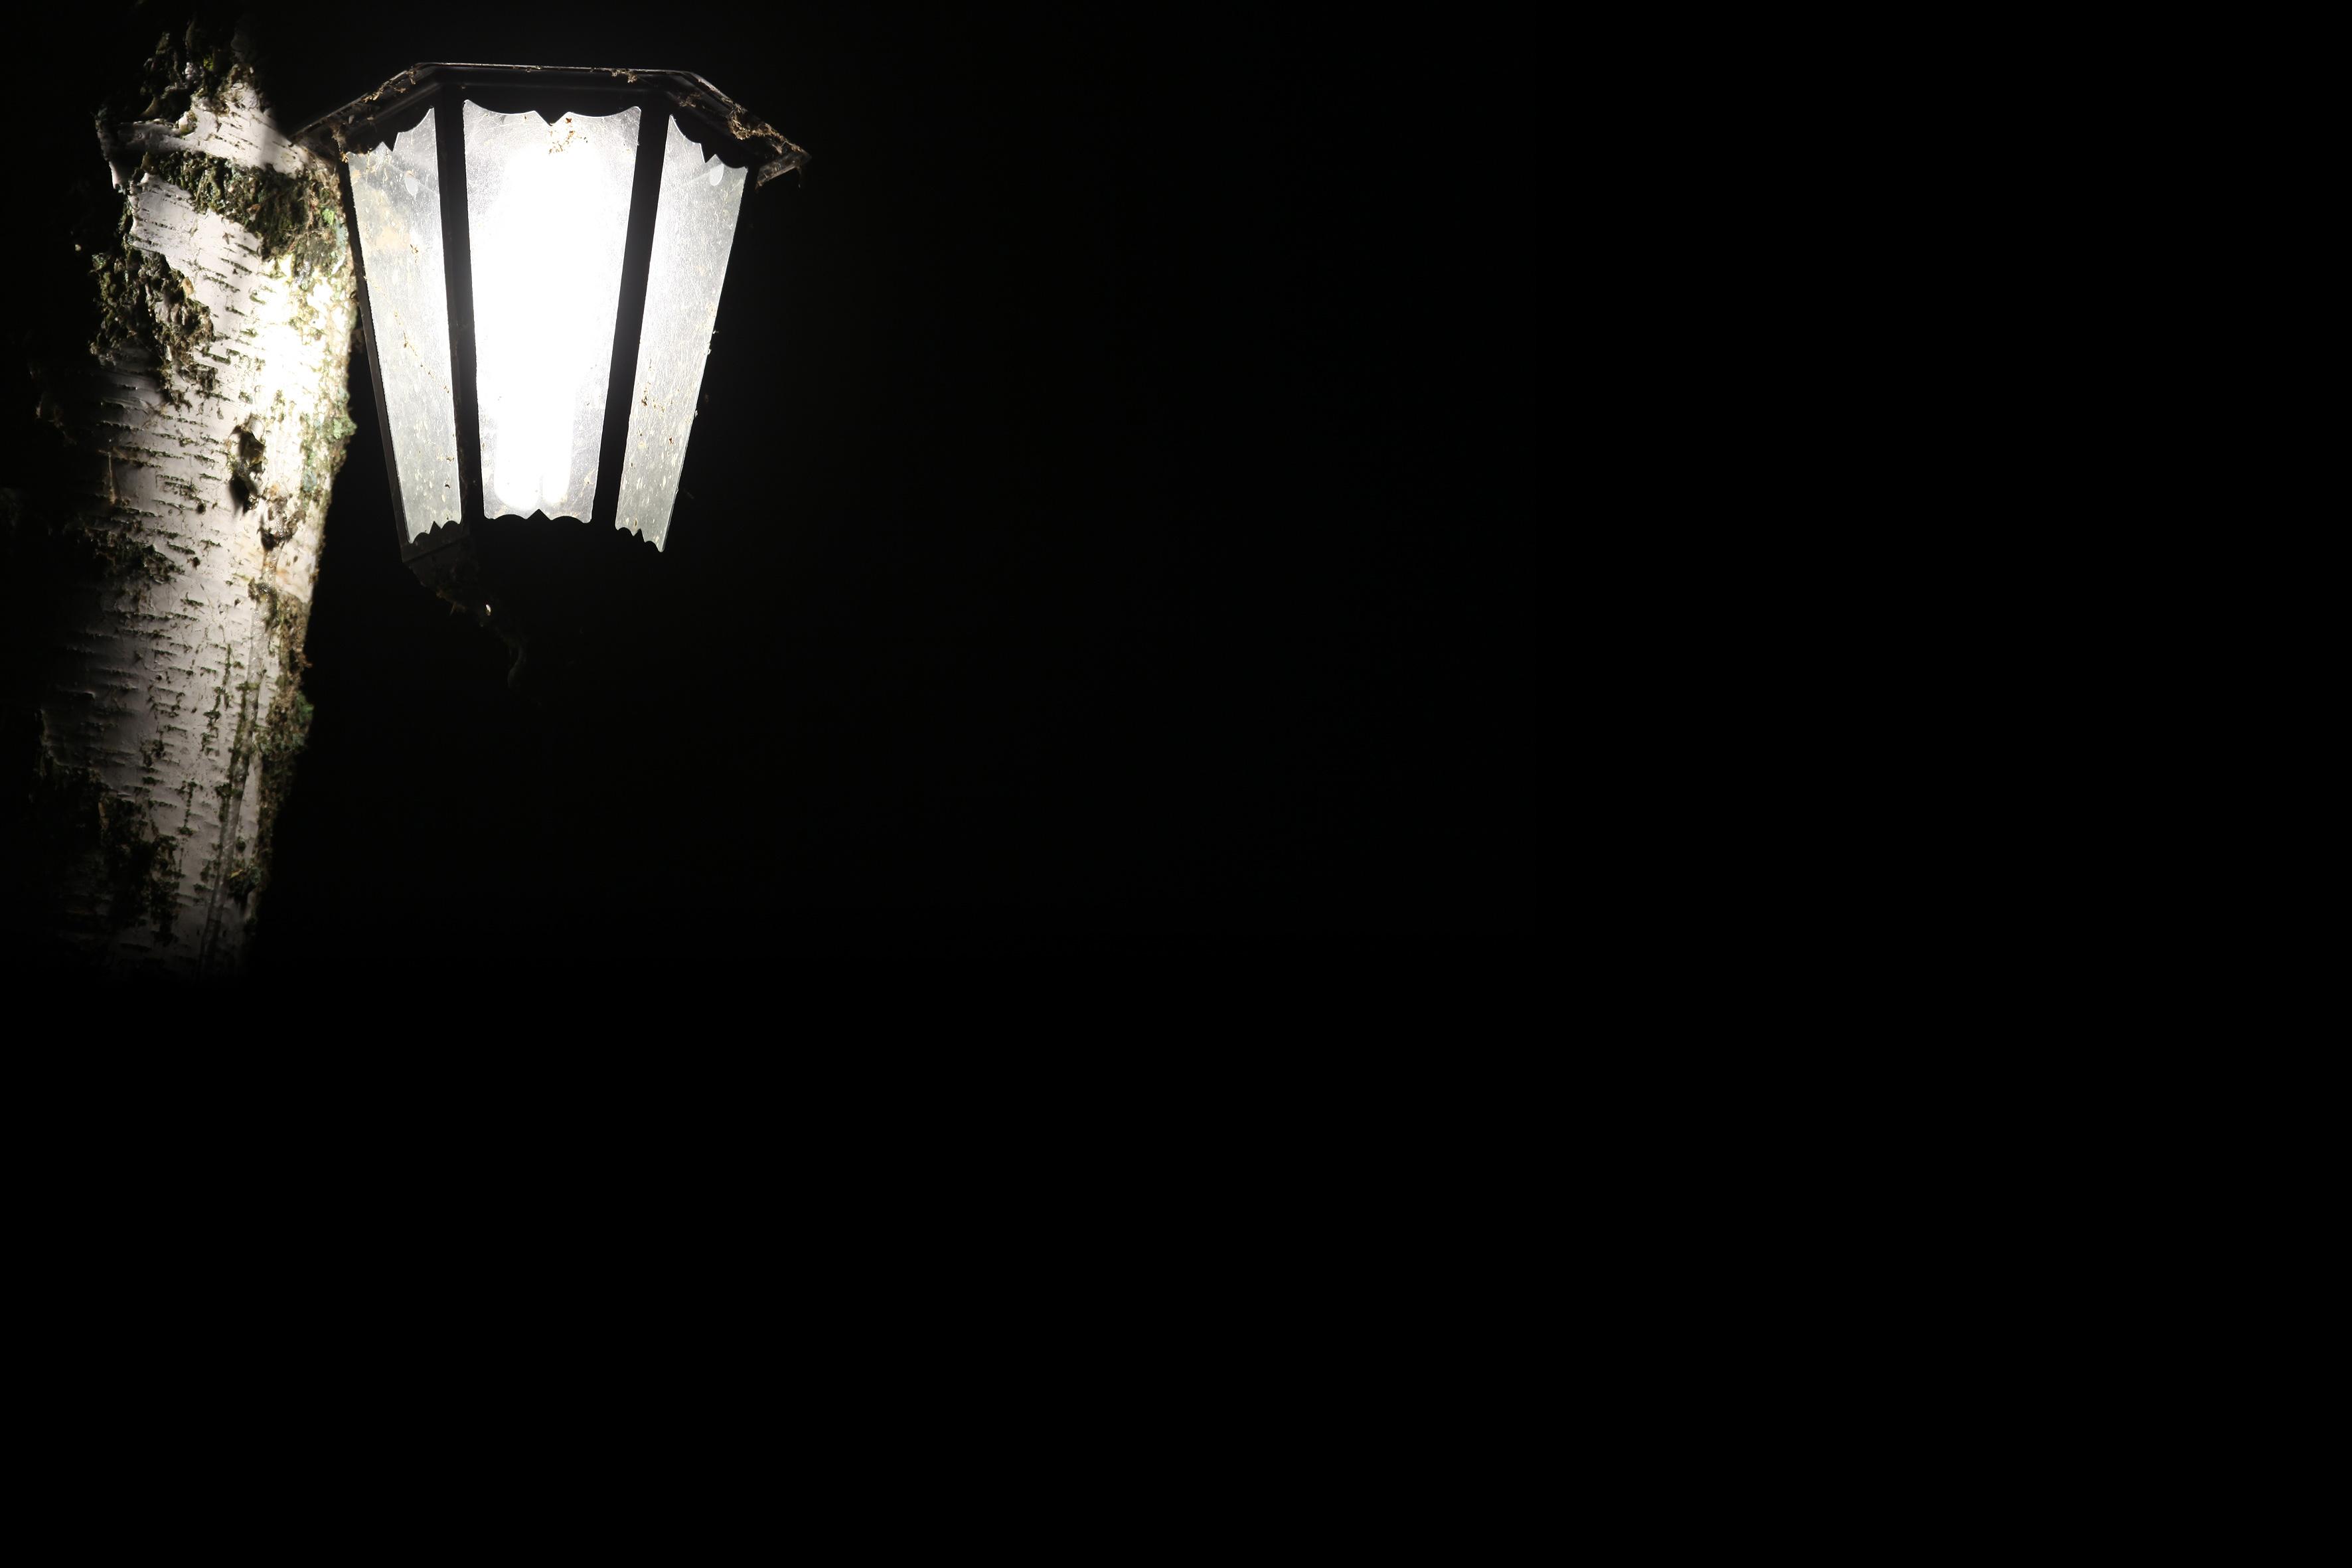 картинки для стихов мрачные картинку себе компьютер